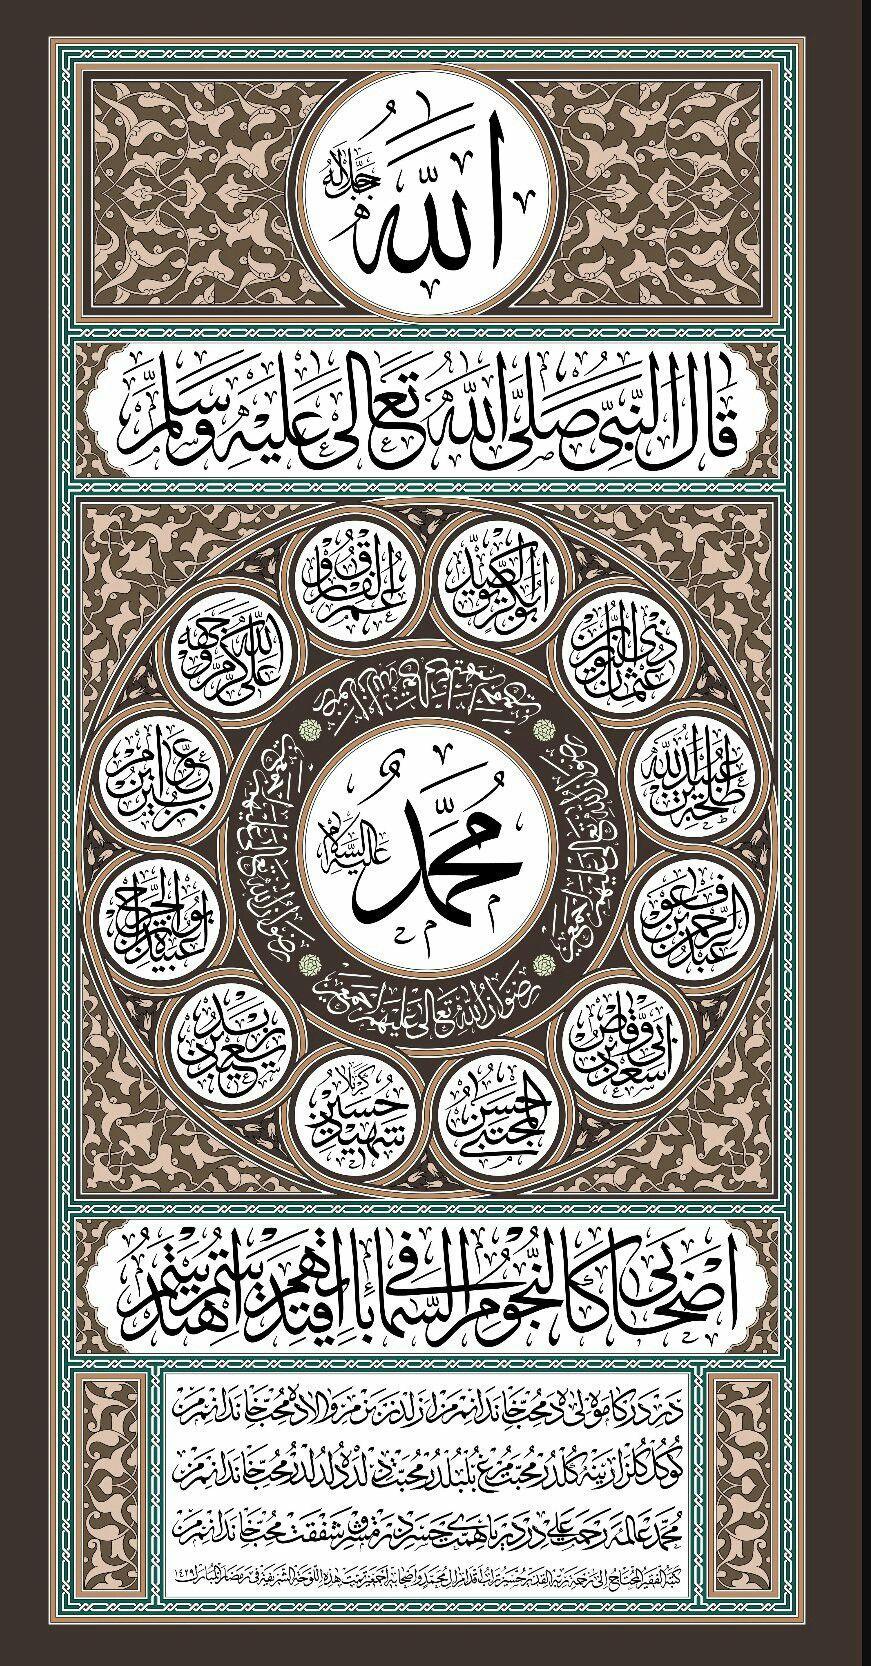 Pin Oleh Feyz Arslanyurek Di Duvar Yazilari Seni Kaligrafi Seni Kaligrafi Arab Kaligrafi Islam